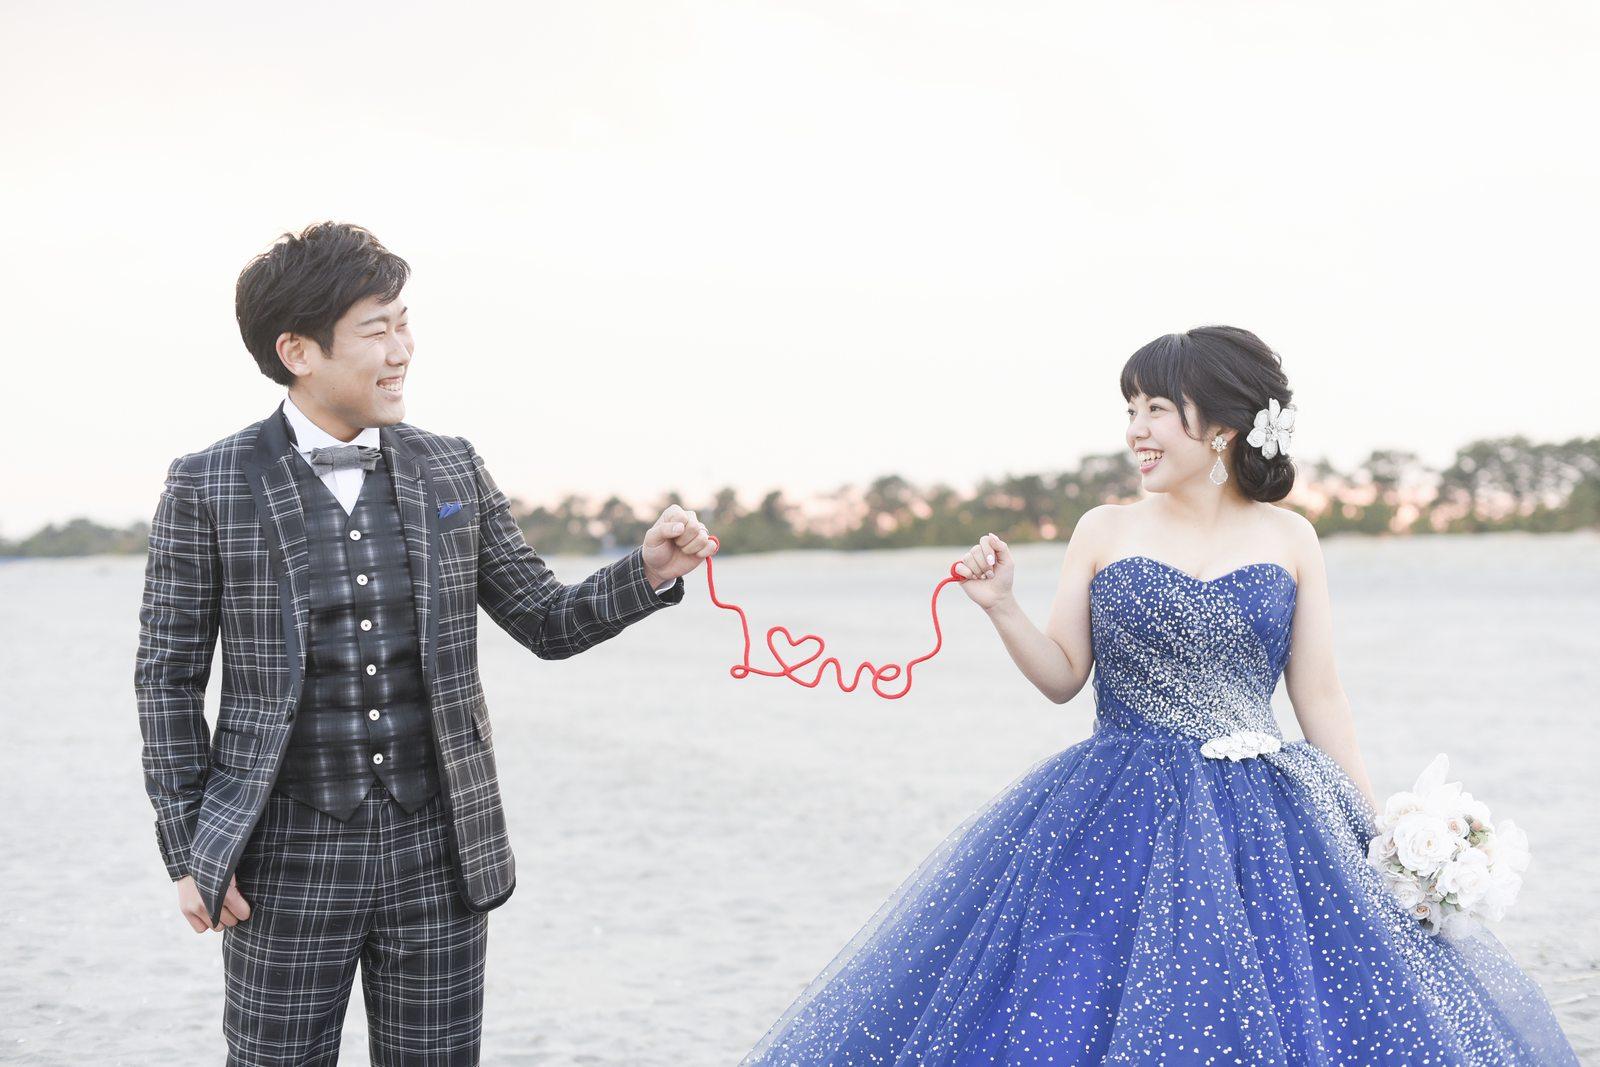 徳島市の結婚式場ブランアンジュの海での前写しショット